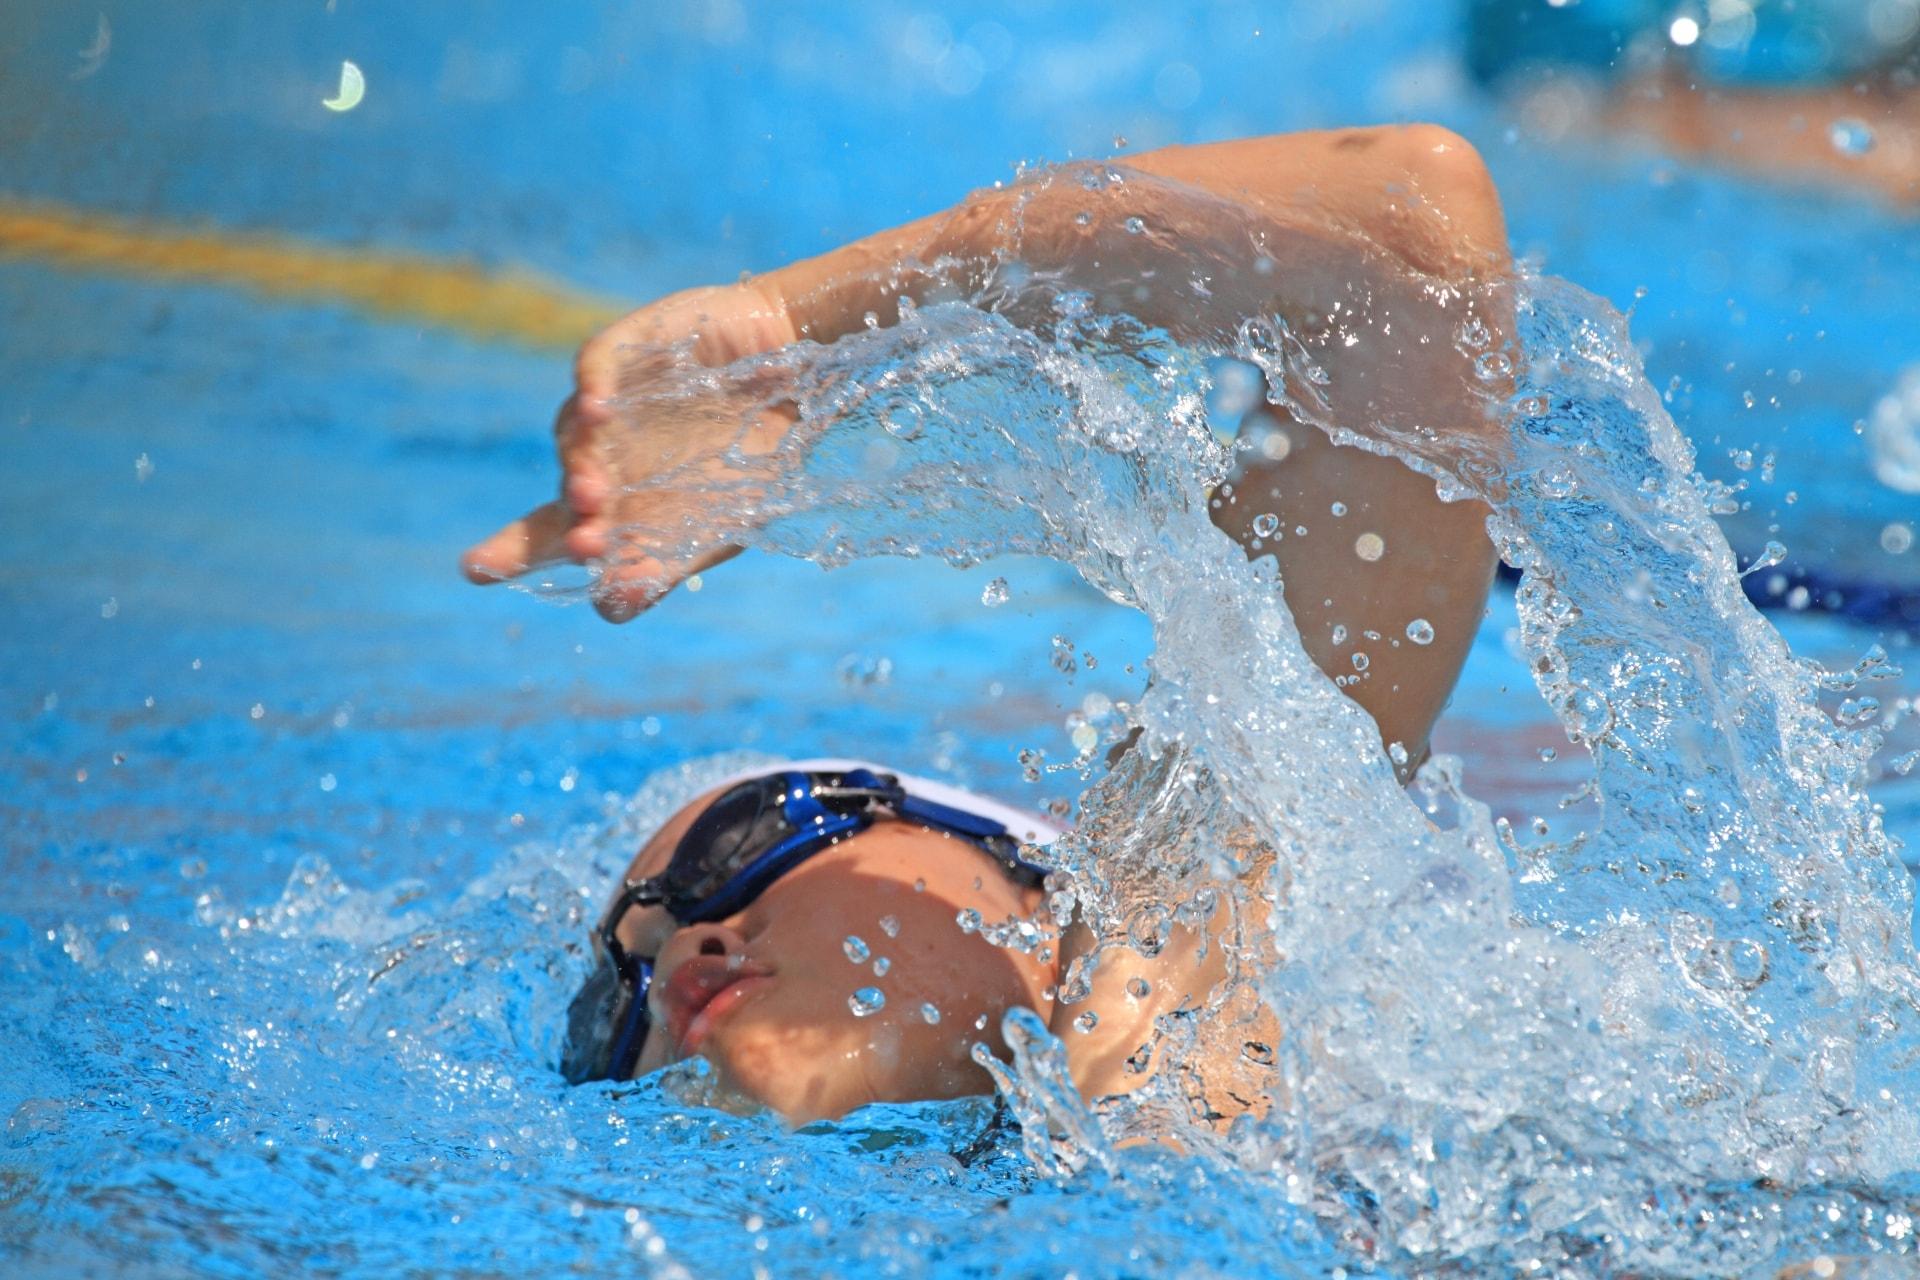 カツラのままで水泳をしても良いの?